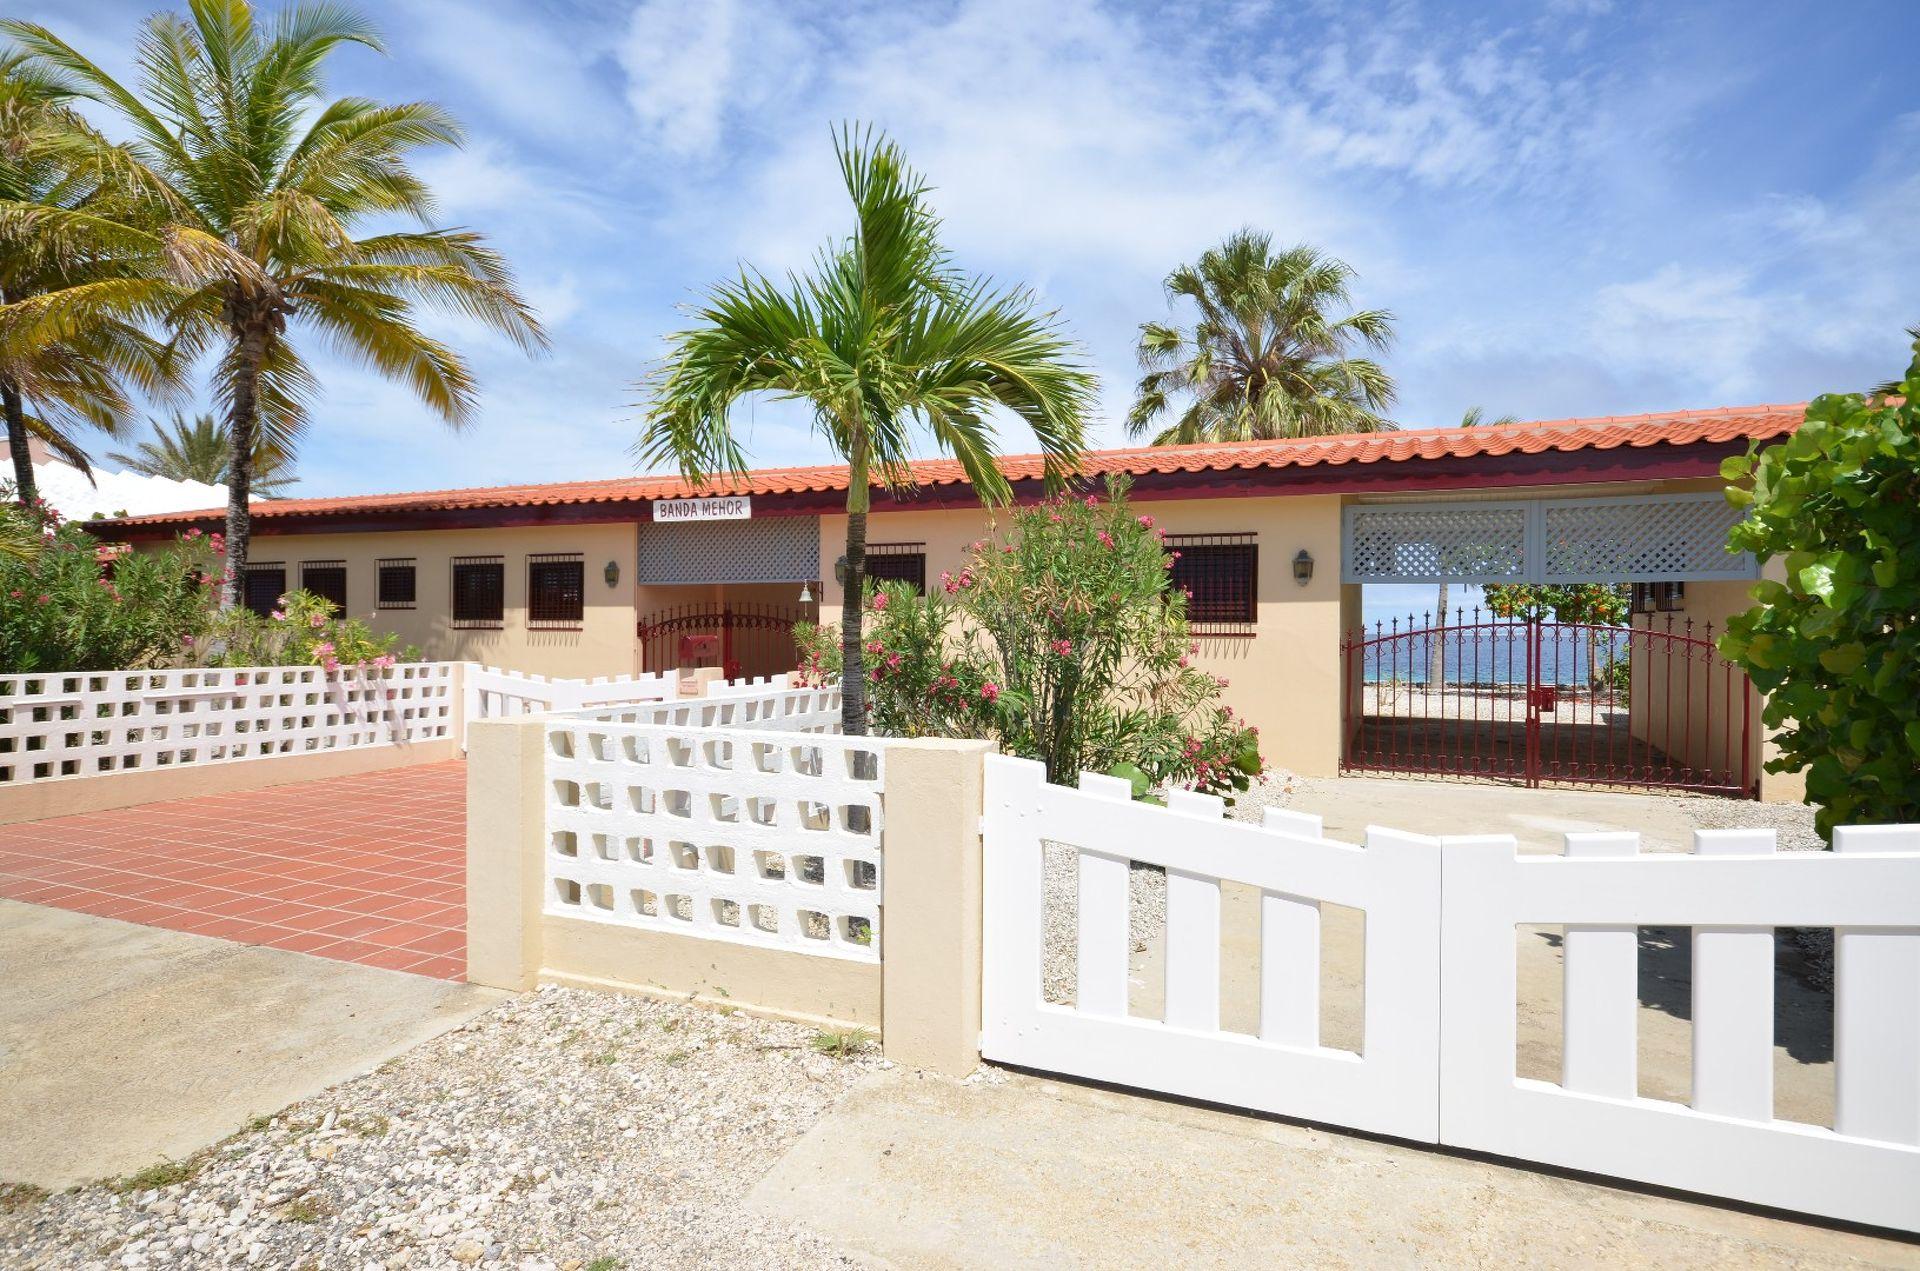 Te koop villa in landhuis stijl direct aan caribische zee op bonaire